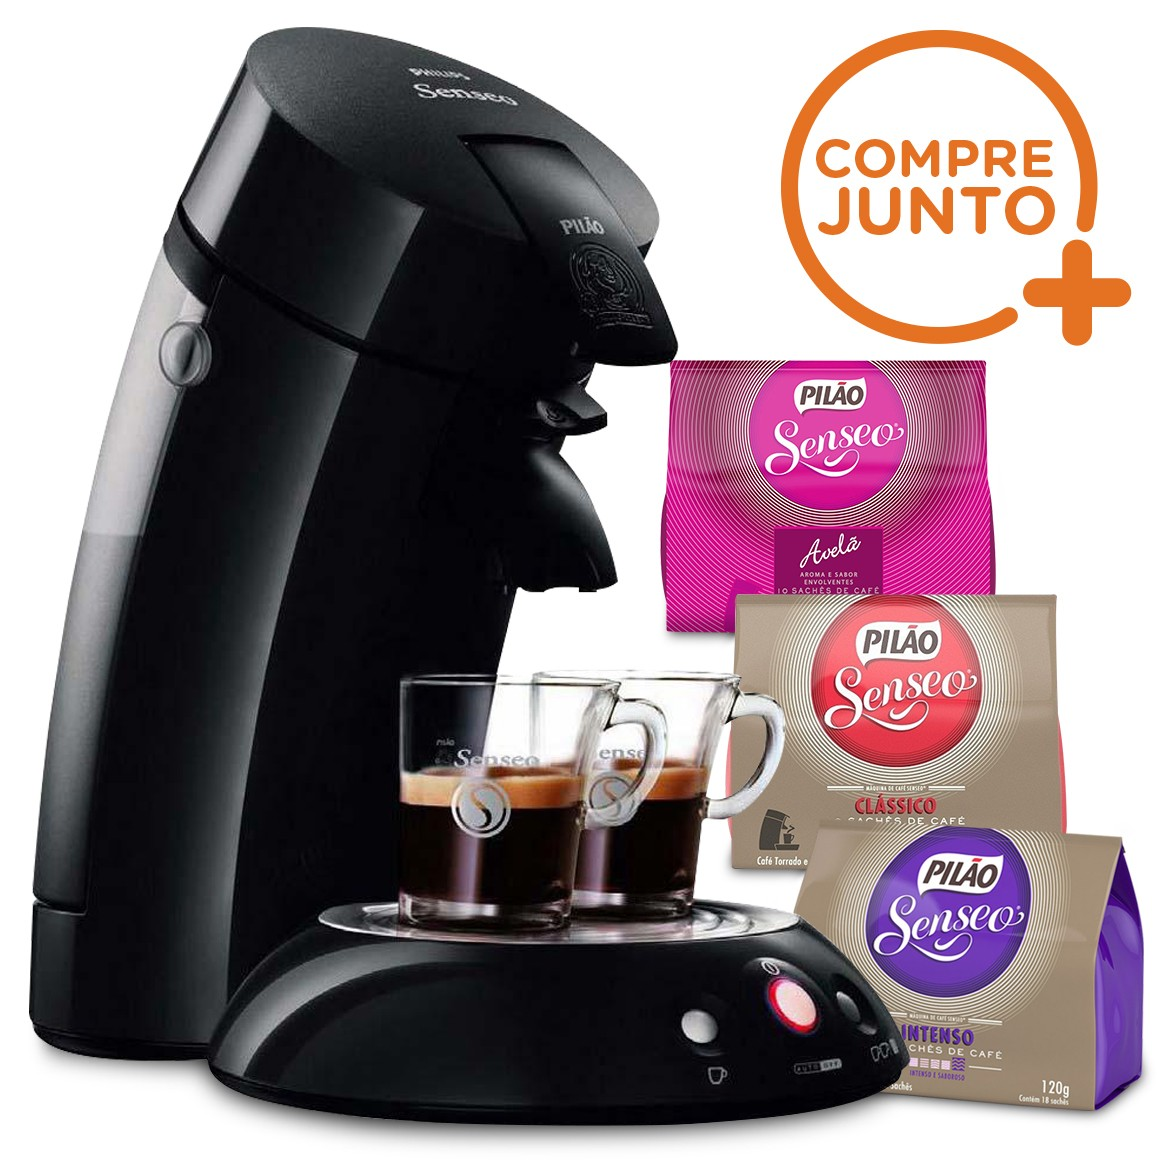 Kit Cafeteira Expresso Philips Senseo 110v Preta + 3 tipos de Sachês